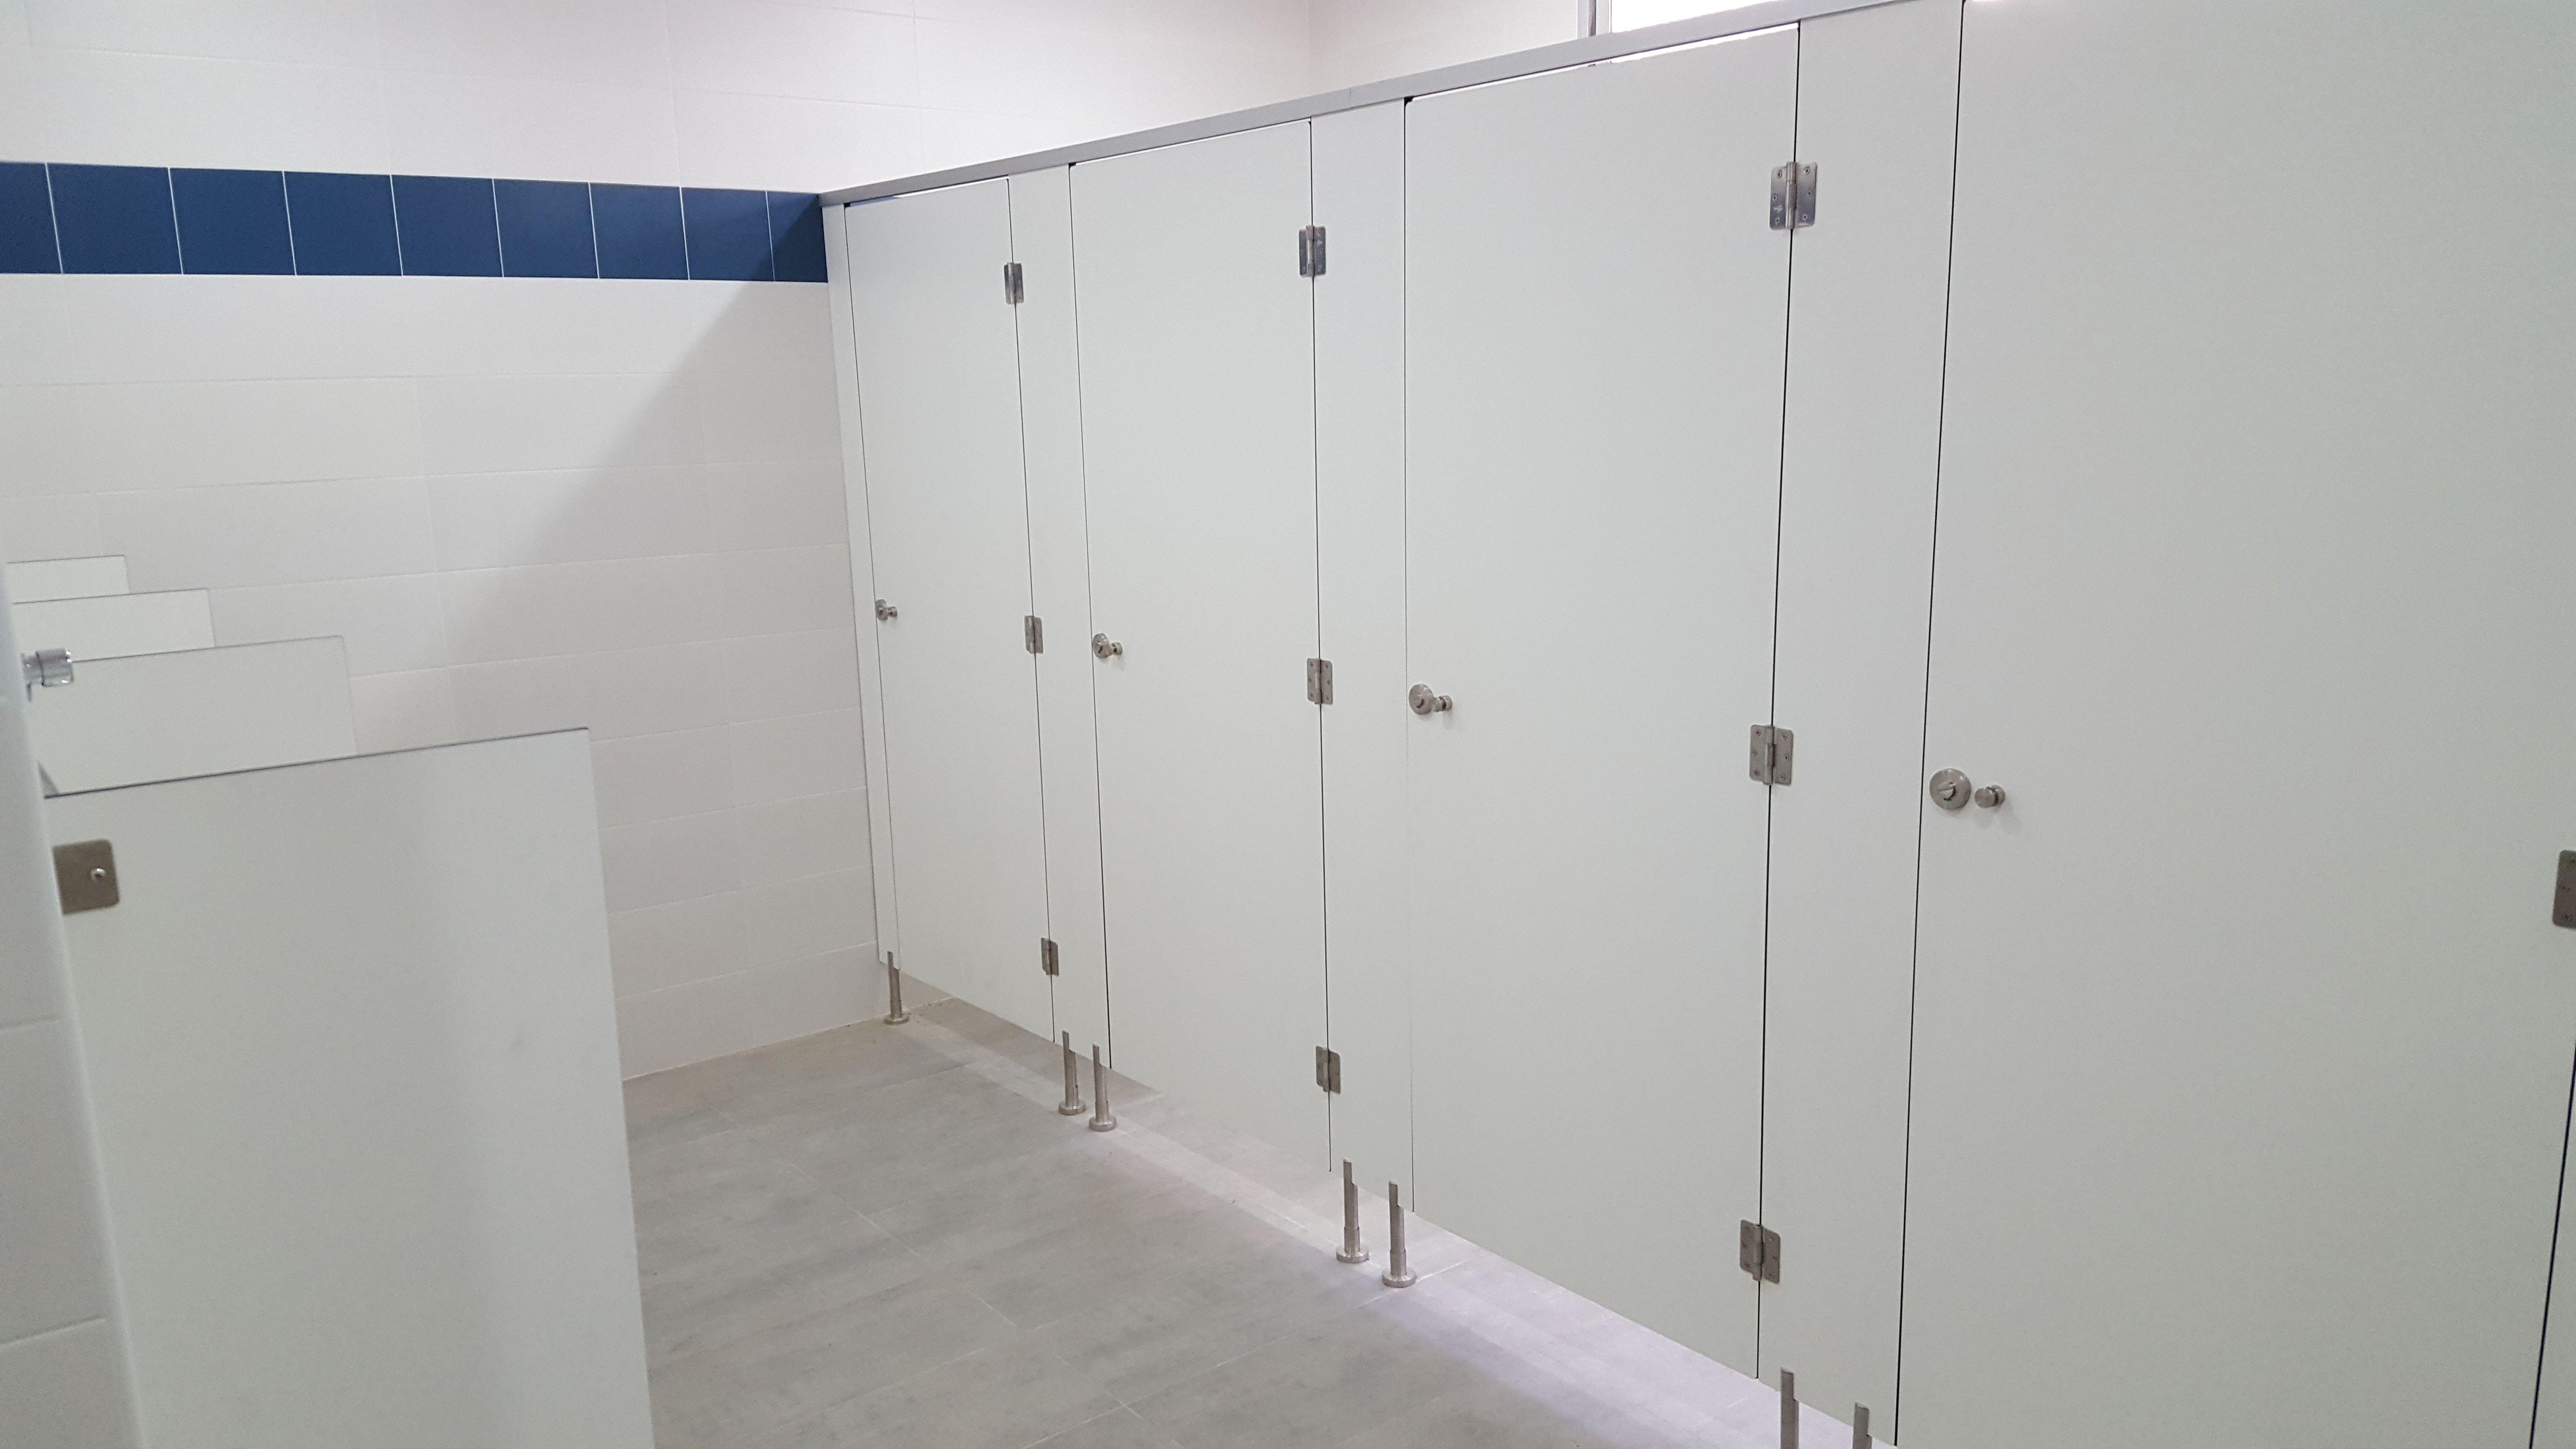 Puertas y accesorios para baños públicos en Madrid